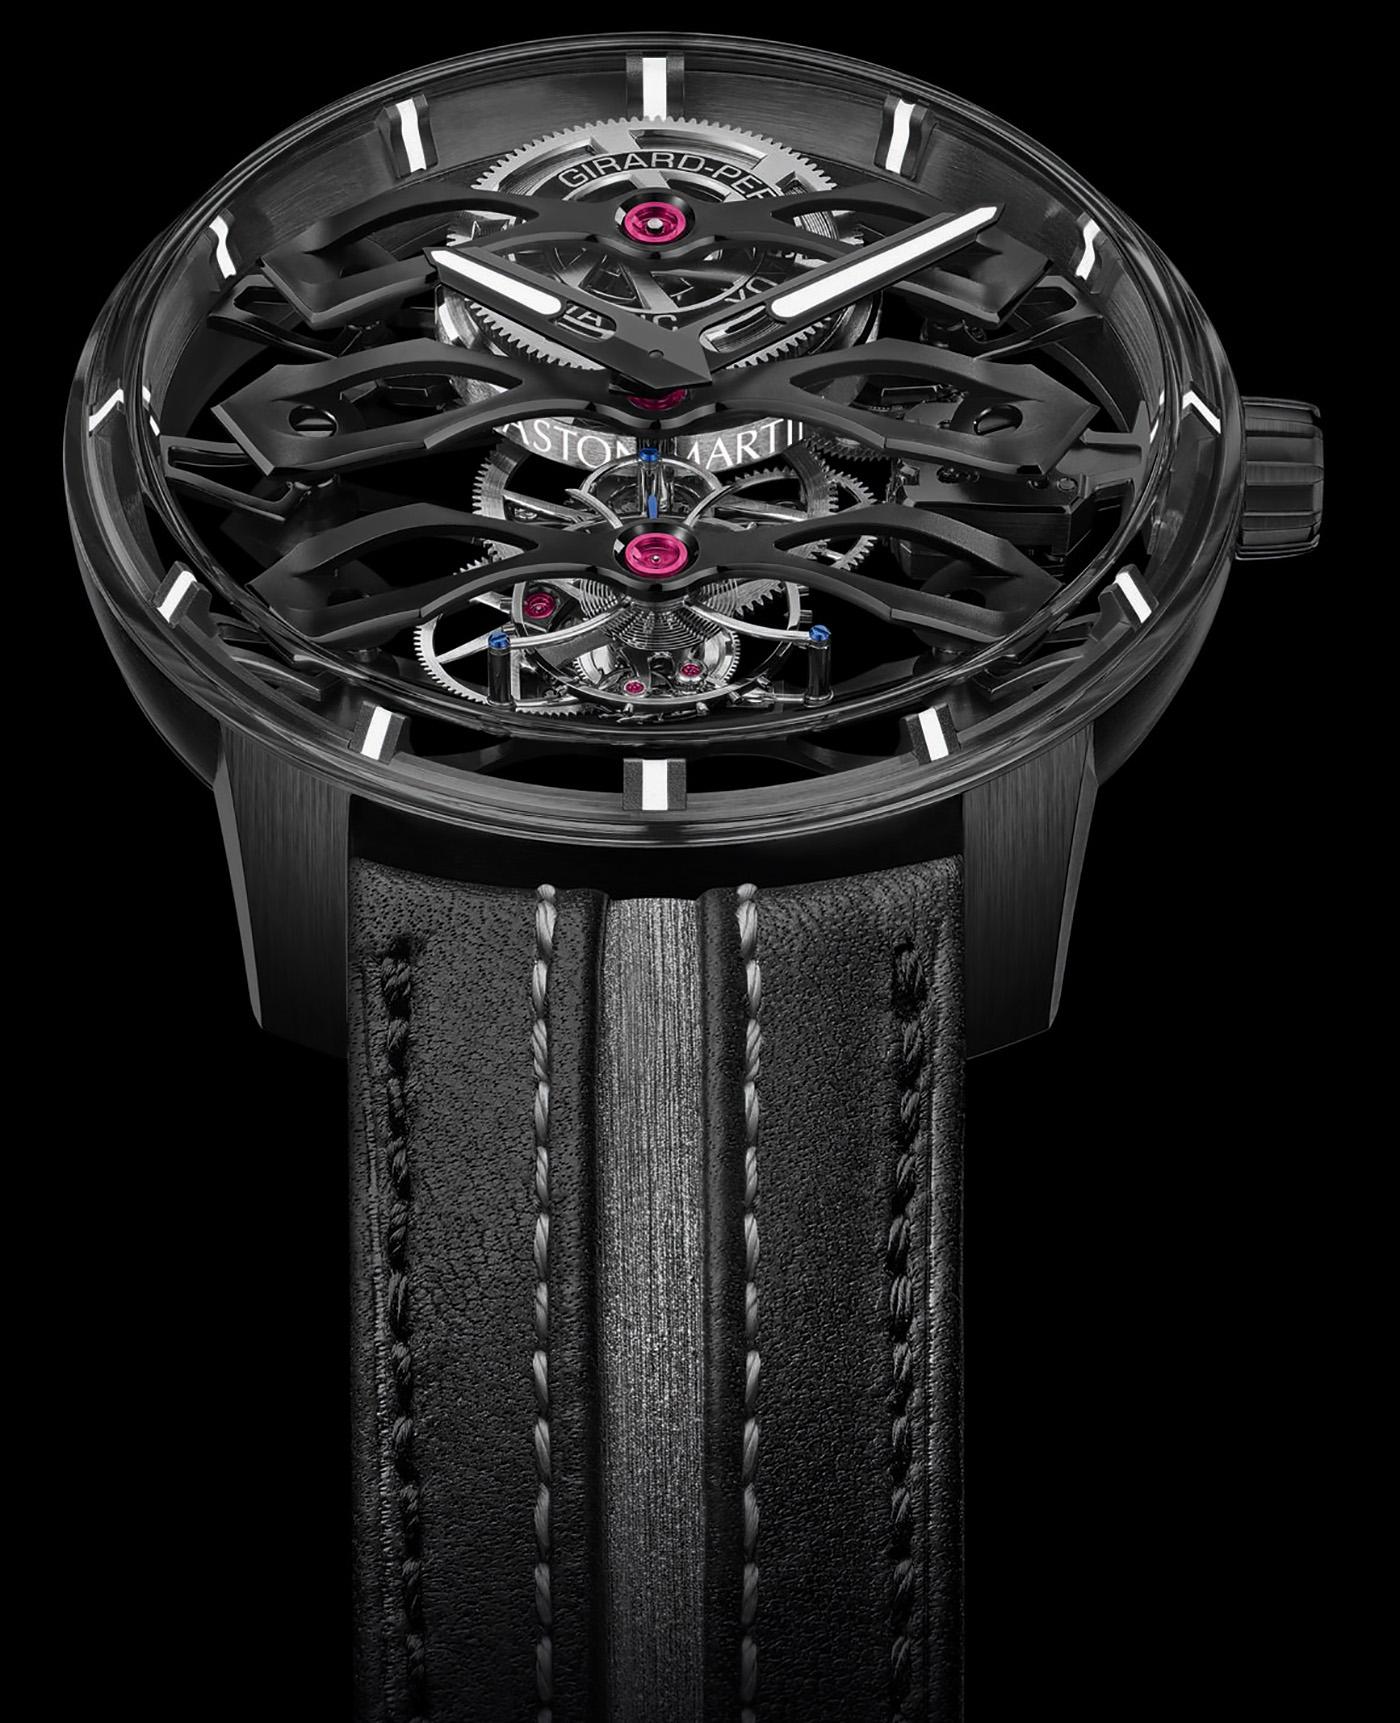 Girard-Perregaux представляет ограниченную модель наручных часов Aston Martin Edition